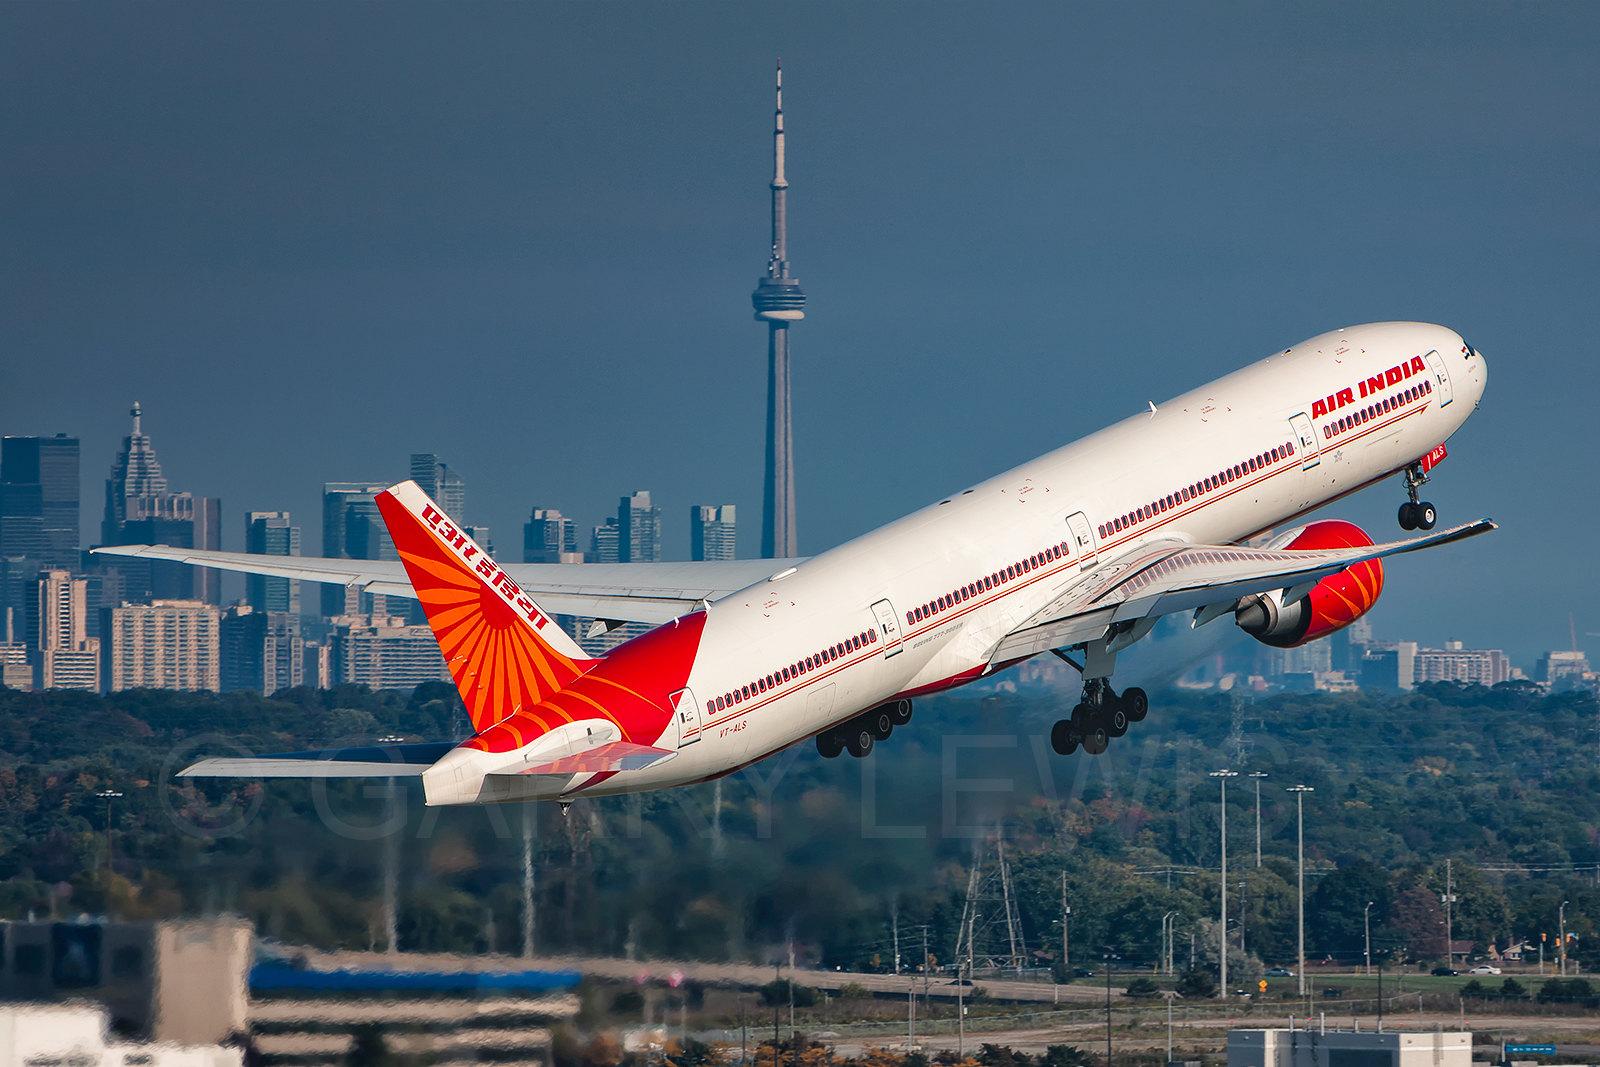 Air India Boeing 777-300ER VT-ALS